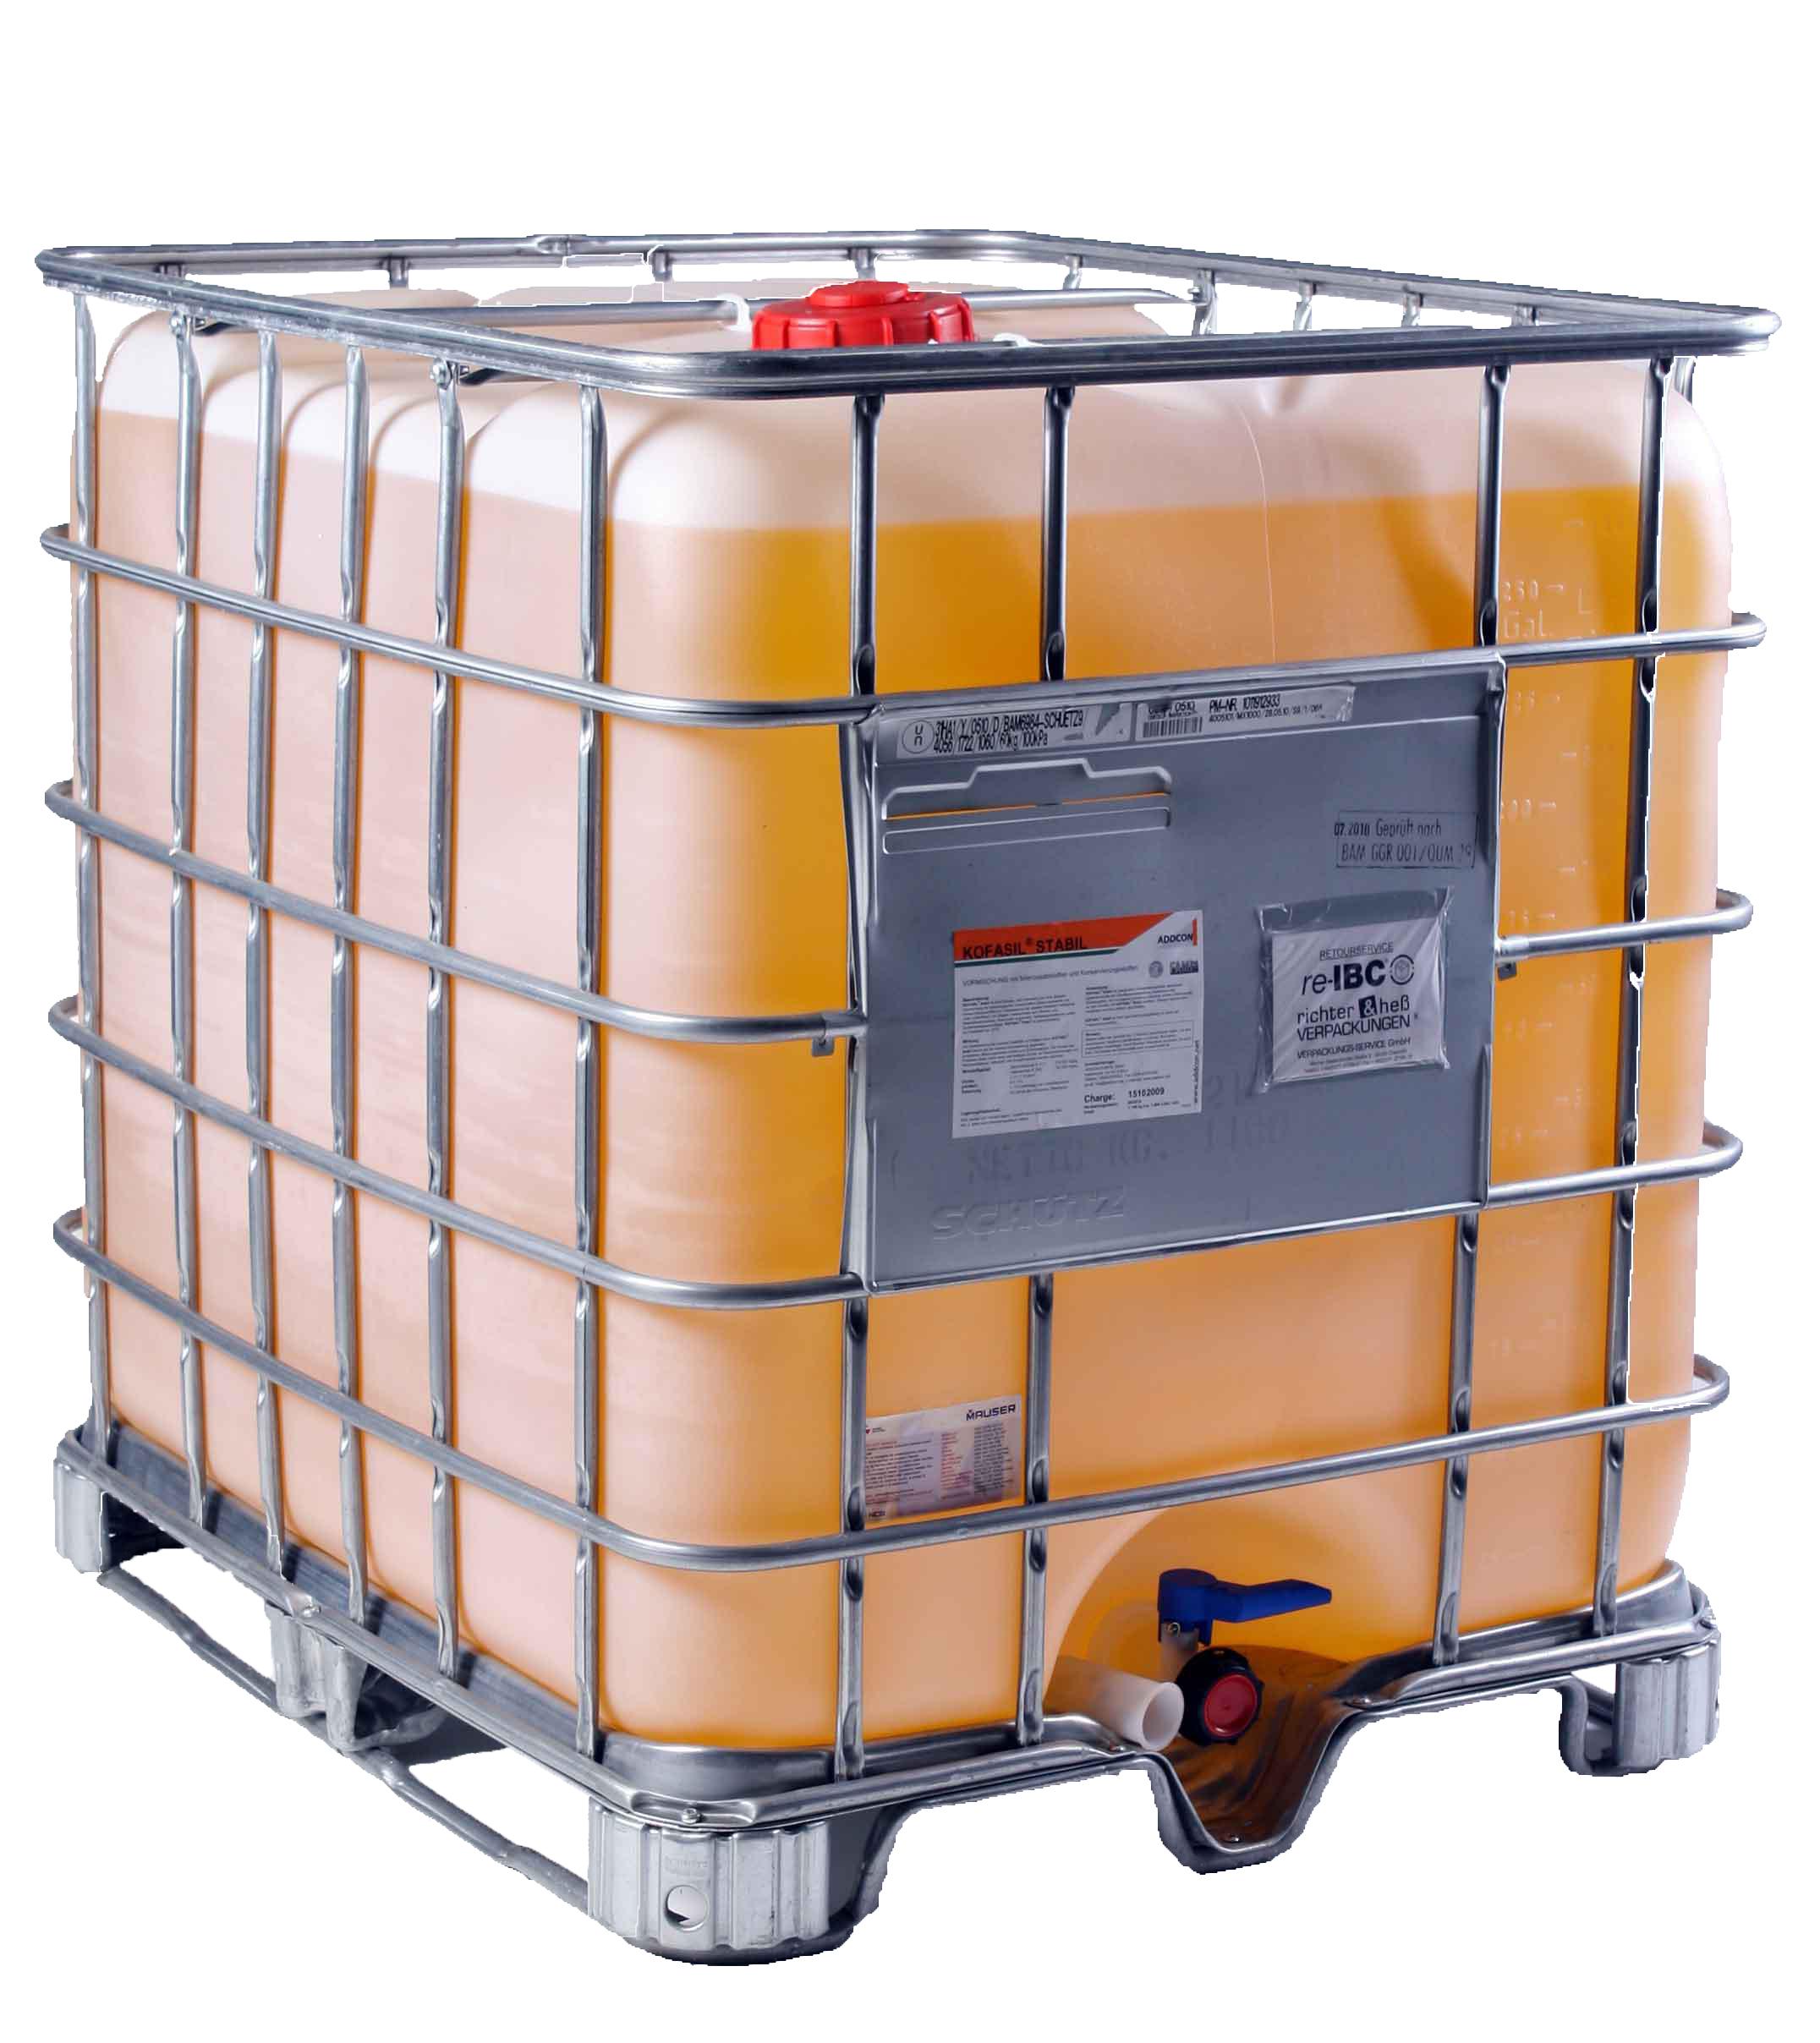 KOFASIL Ultra K on tehokas valmis ja syövyttämätön säilöntäaine murskeviljan säilöntään.